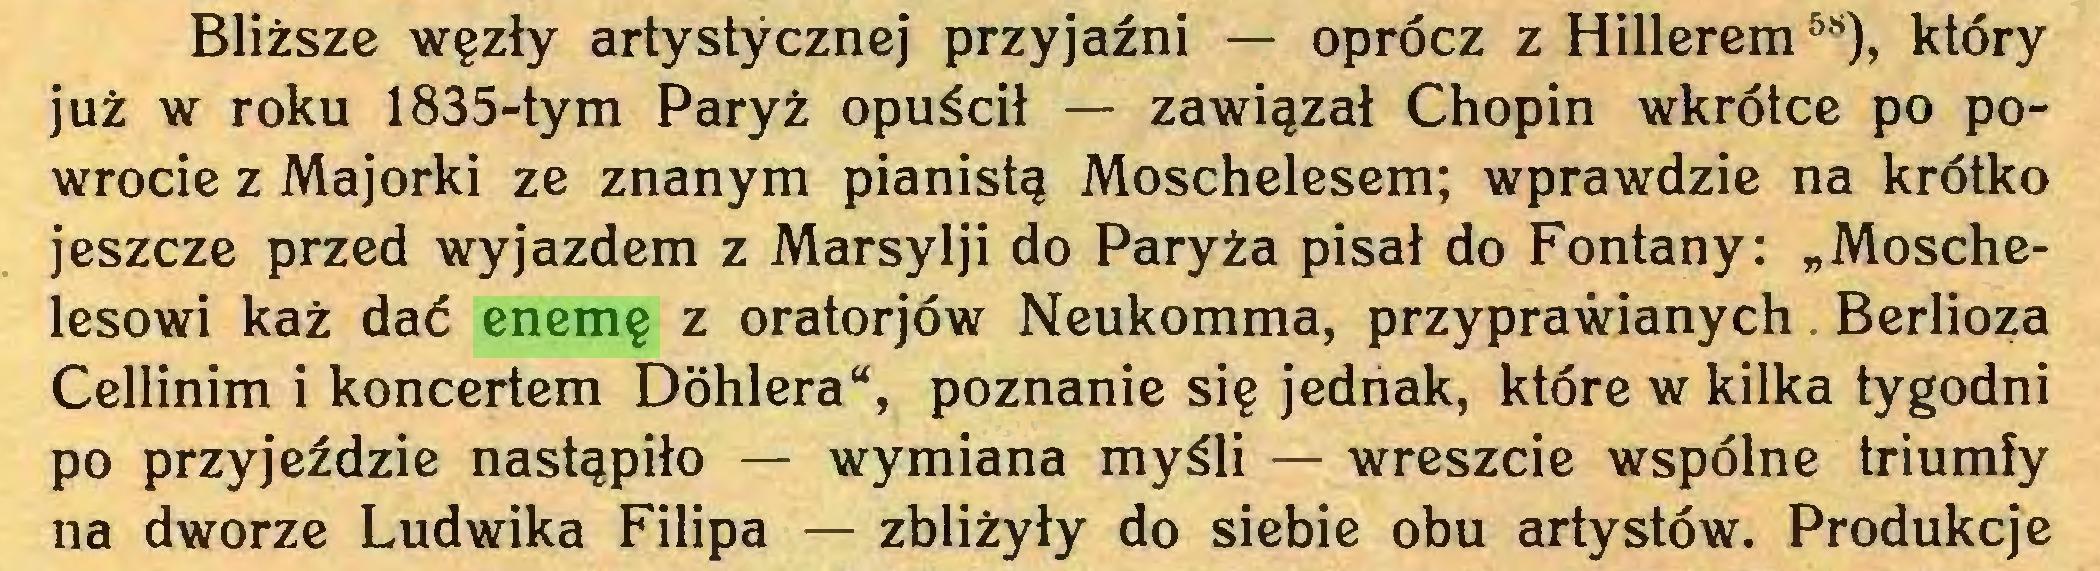 """(...) Bliższe węzły artystycznej przyjaźni — oprócz z Hillerem58), który już w roku 1835-tym Paryż opuścił — zawiązał Chopin wkrótce po powrocie z Majorki ze znanym pianistą Moschelesem; wprawdzie na krótko jeszcze przed wyjazdem z Marsylji do Paryża pisał do Fontany: """"Moschelesowi każ dać enemę z oratorjów Neukomma, przyprawianych. Berlioza Cellinim i koncertem Dóhlera"""", poznanie się jednak, które w kilka tygodni po przyjeździe nastąpiło — wymiana myśli — wreszcie wspólne triumfy na dworze Ludwika Filipa — zbliżyły do siebie obu artystów. Produkcje..."""